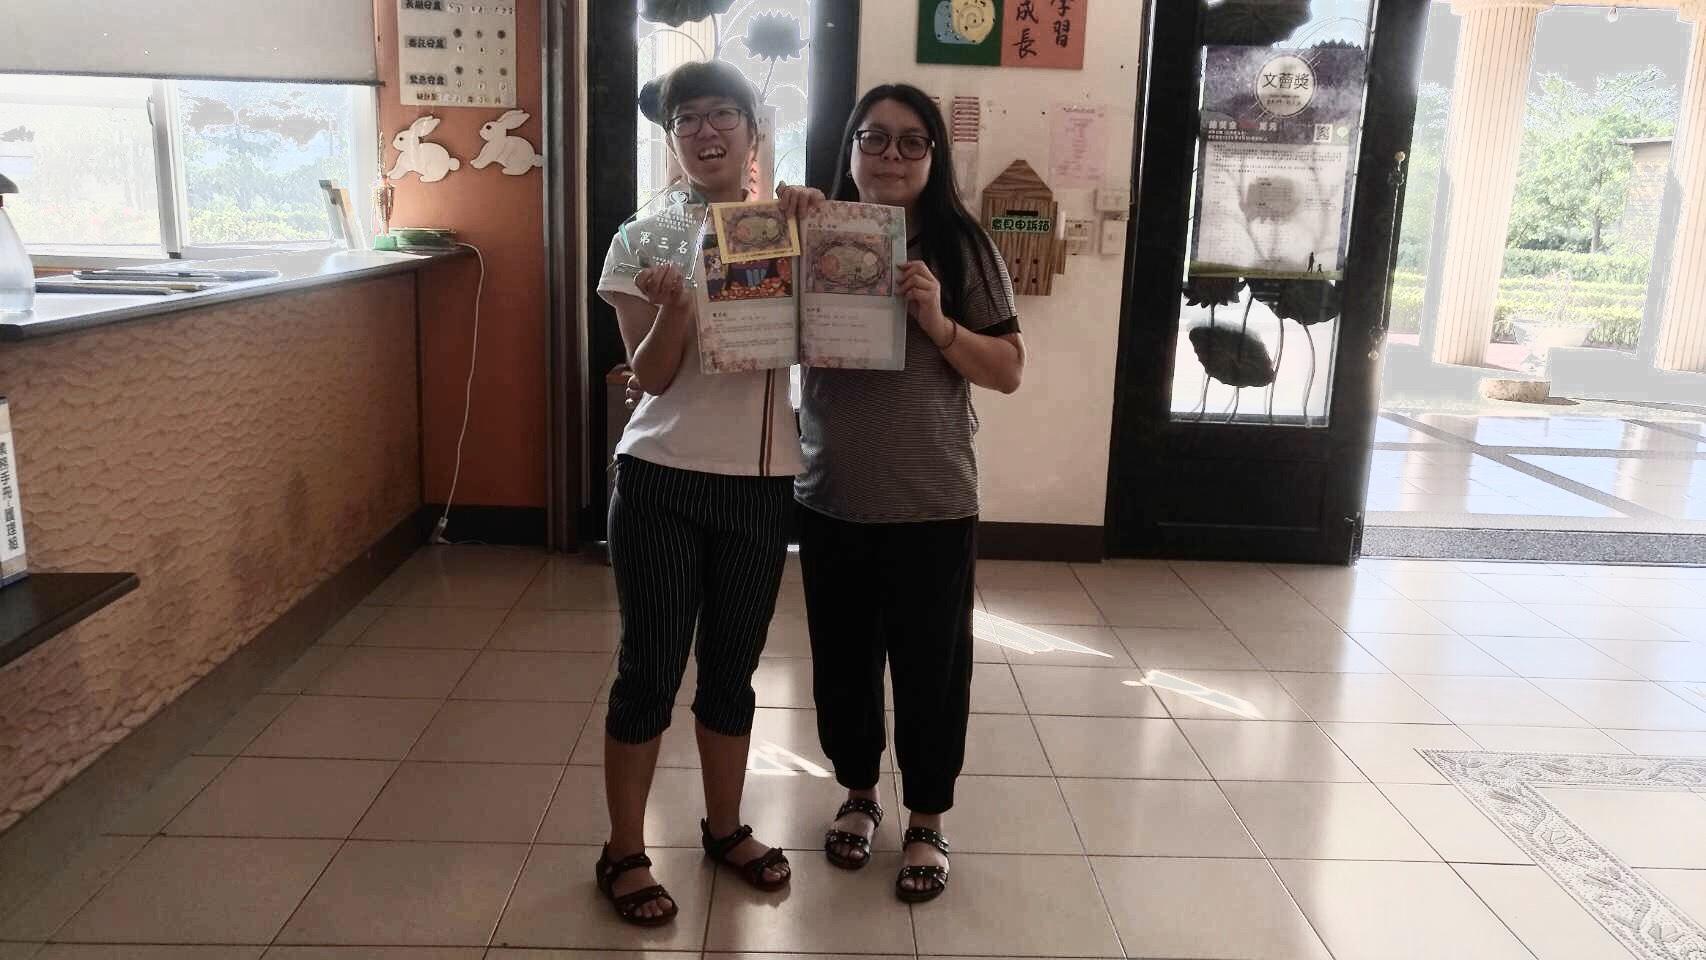 🌟狂賀🌟服務對象參加中華民國自閉症總會舉辦之繪畫比賽榮獲第三名佳績🎉😄